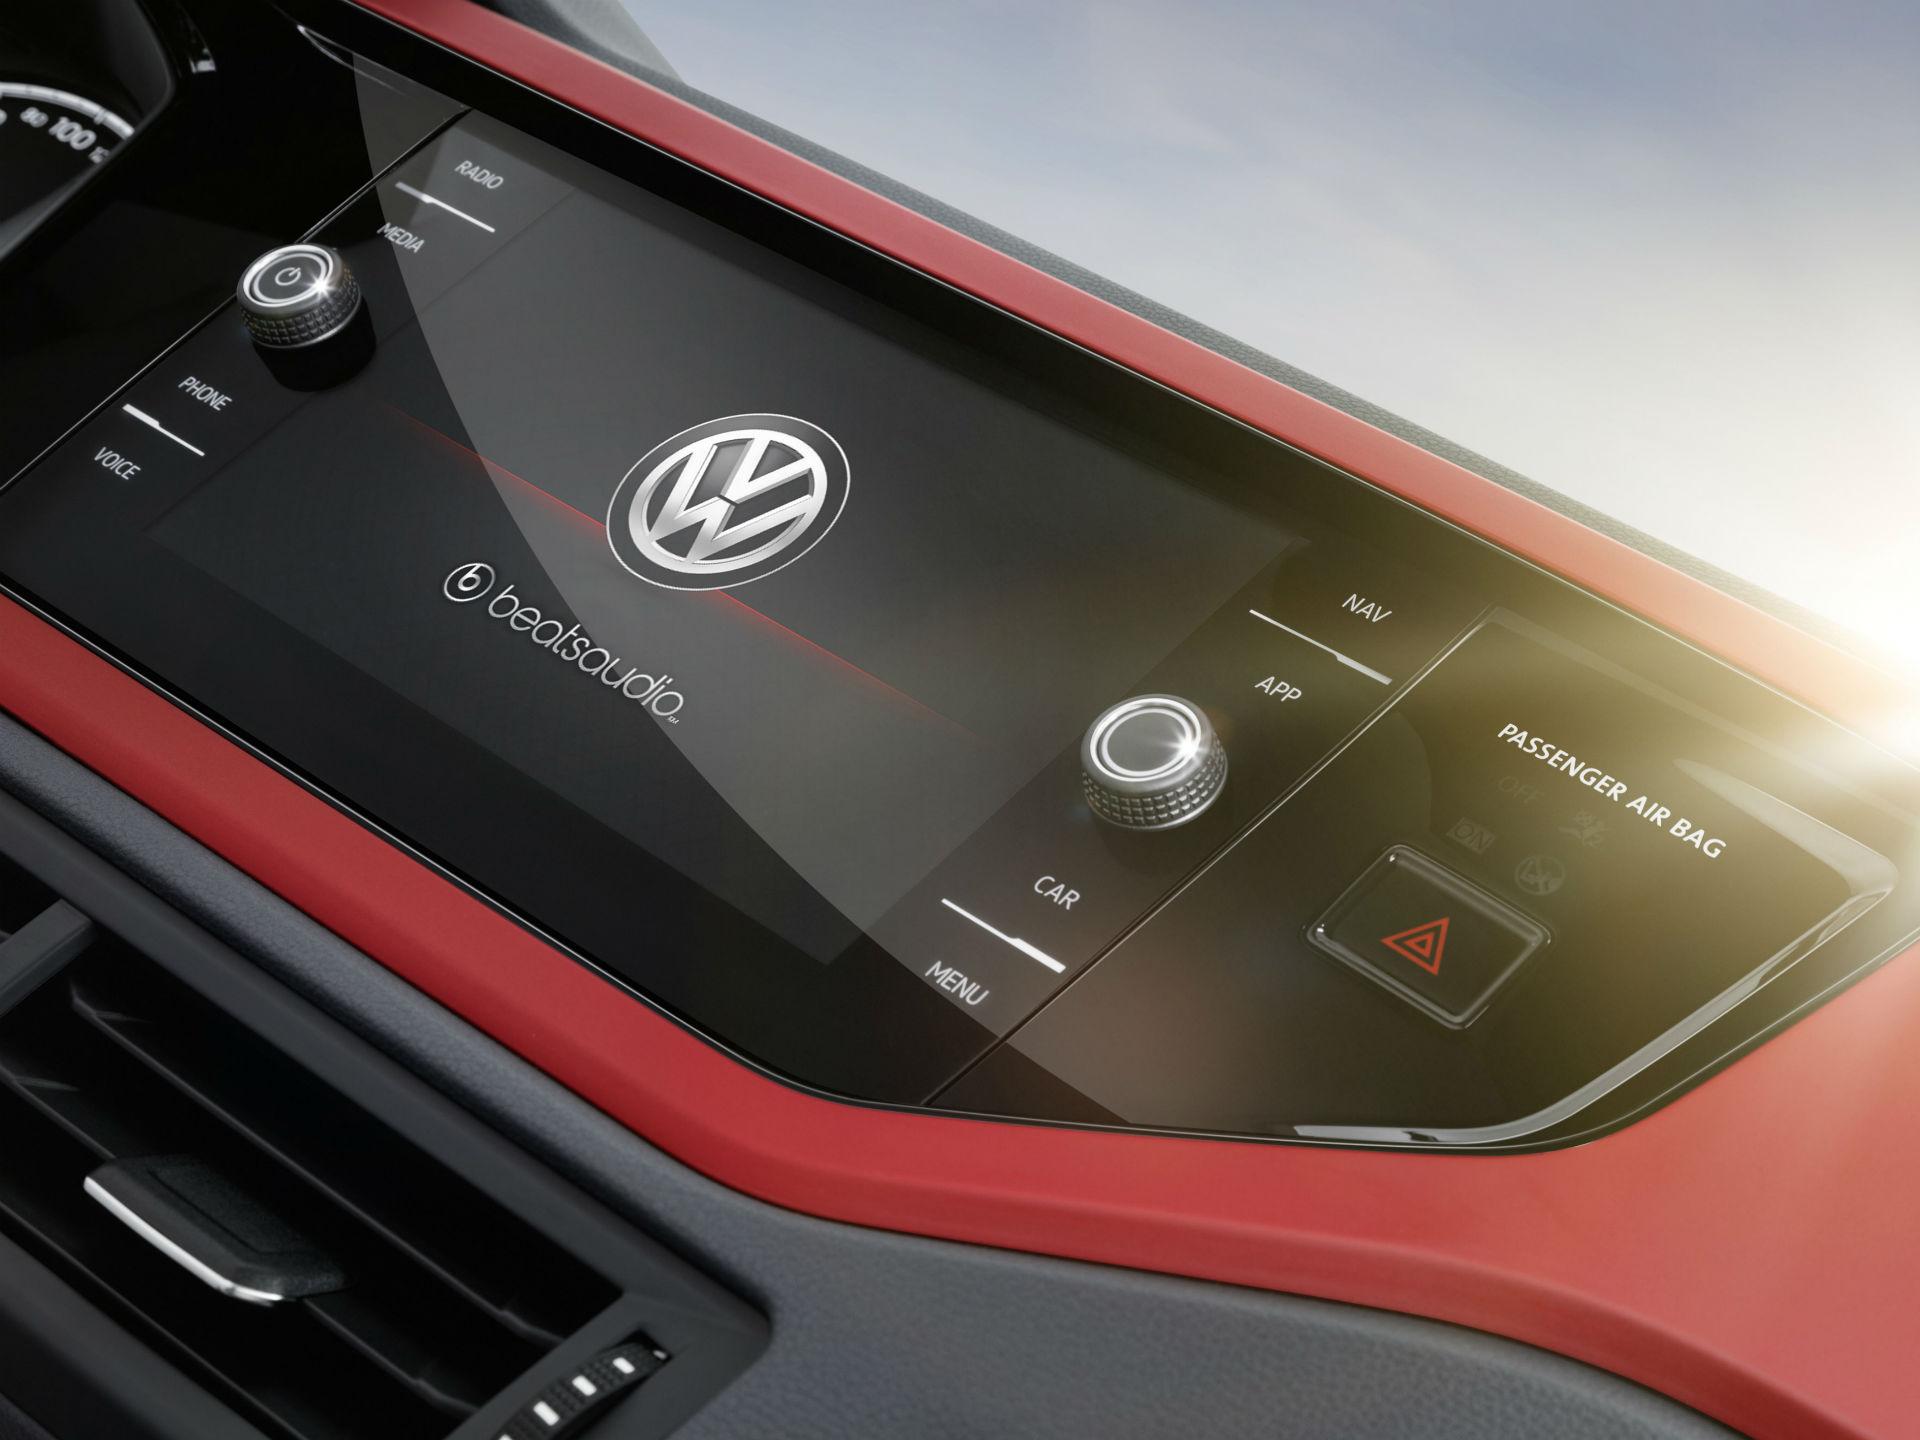 La edicion singular Beats, tendrá propios tanto en interiores cual exteriores, ademas del sistema de audio de trescientos watts. Foto: Volkswagen